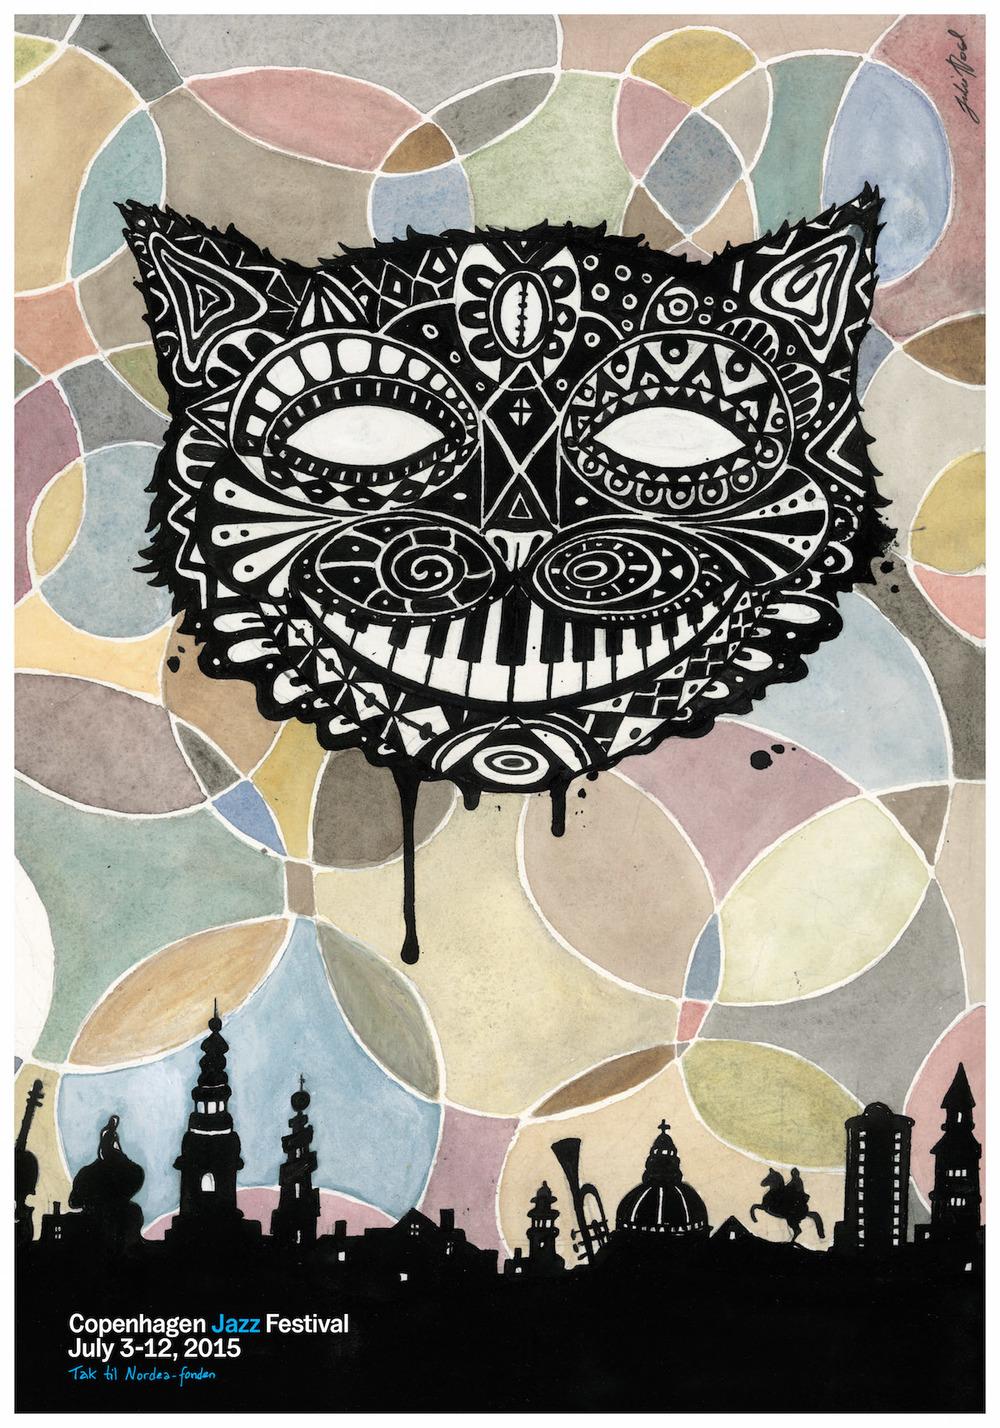 今年的哥本哈根爵士音乐节将在7月3日至7月15日举行,本届的主形象海报设计师是Julie Nord